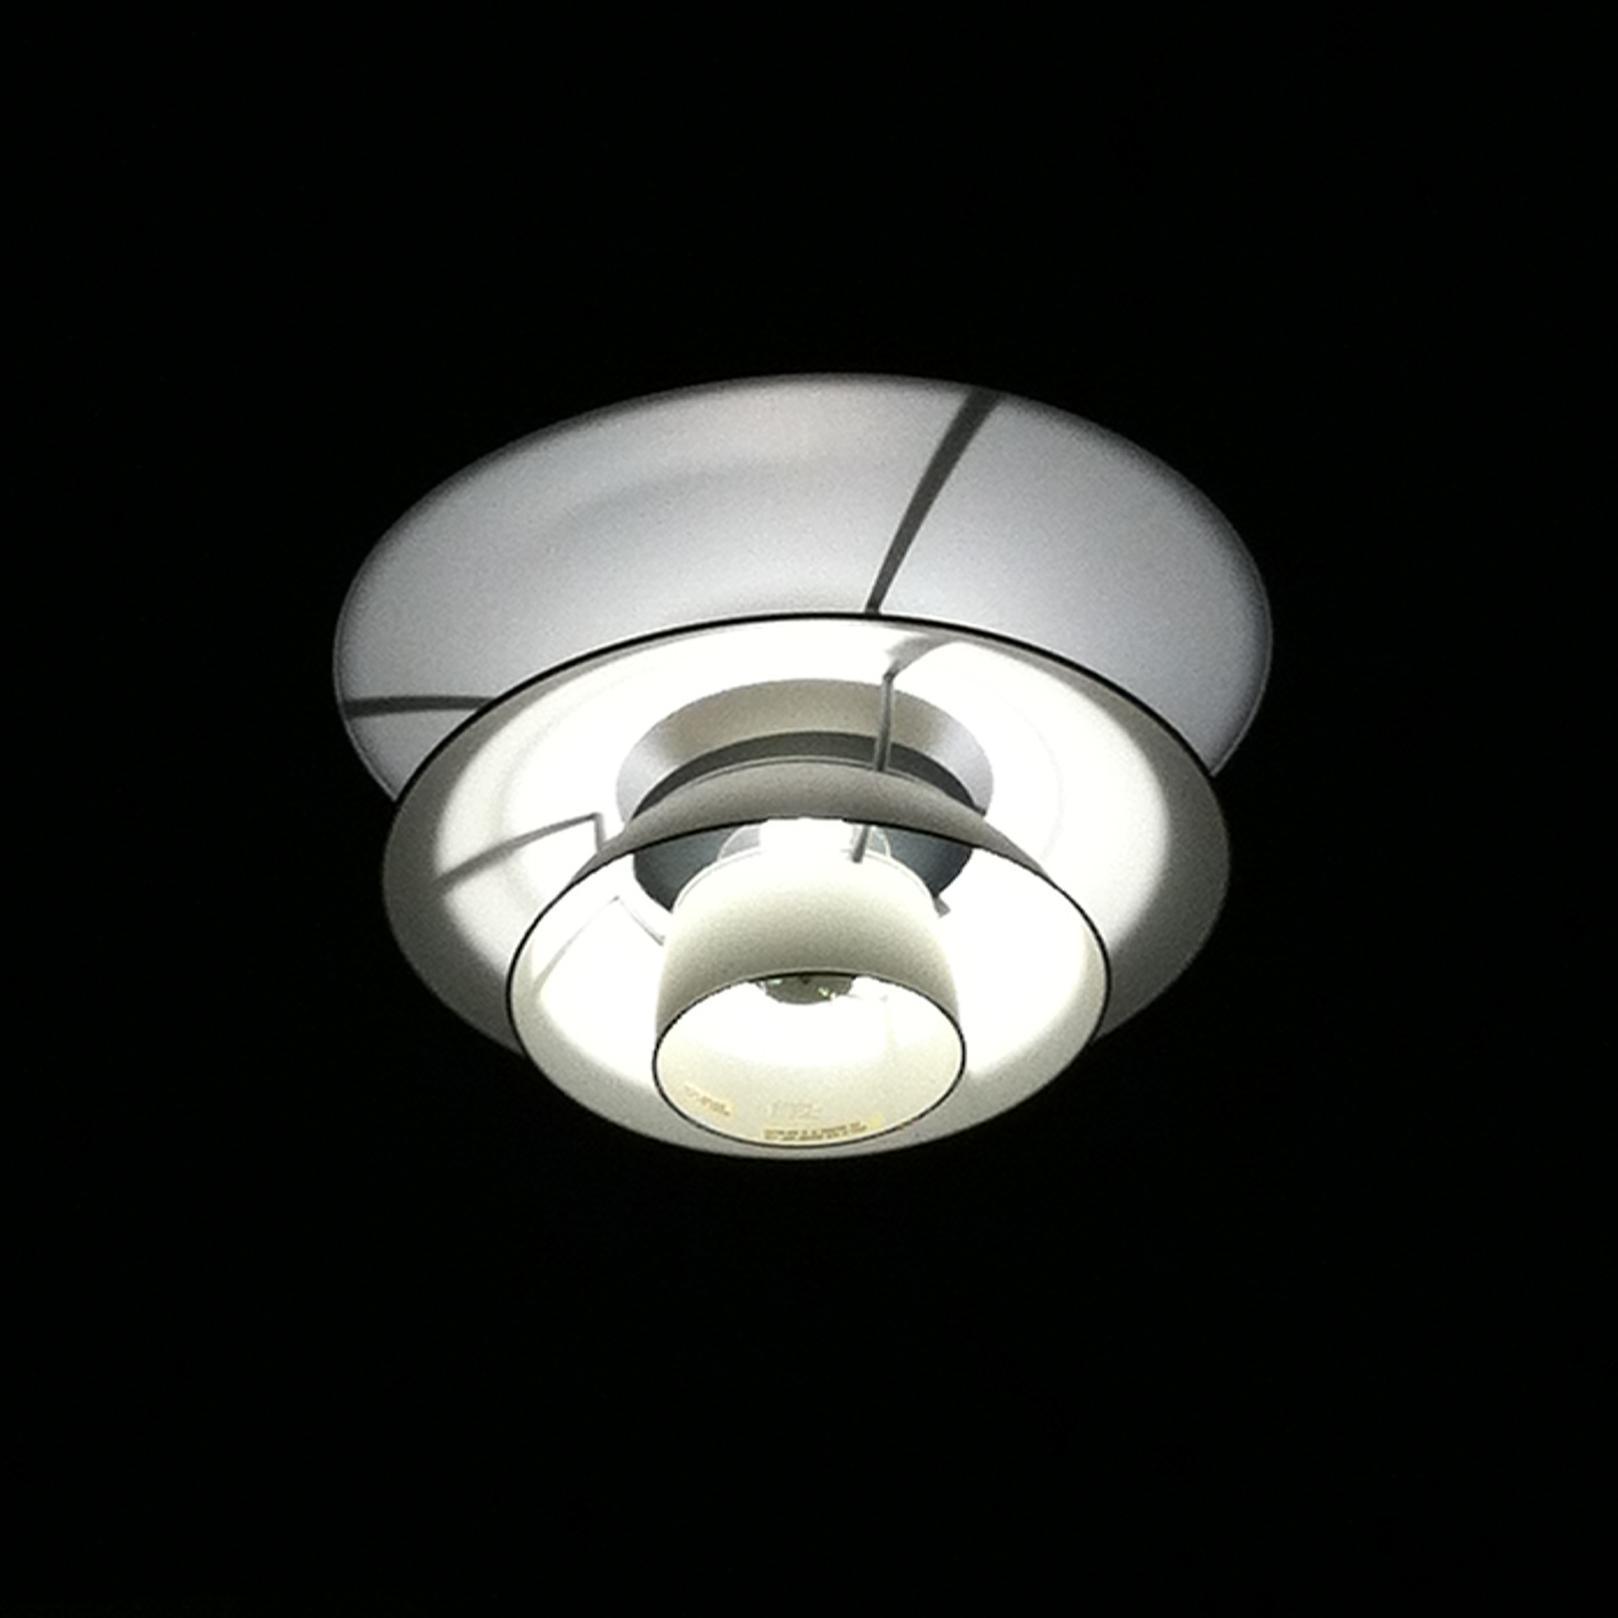 LED 조명바꾸기 - 셀프조명교체, 사진없는 인테리..